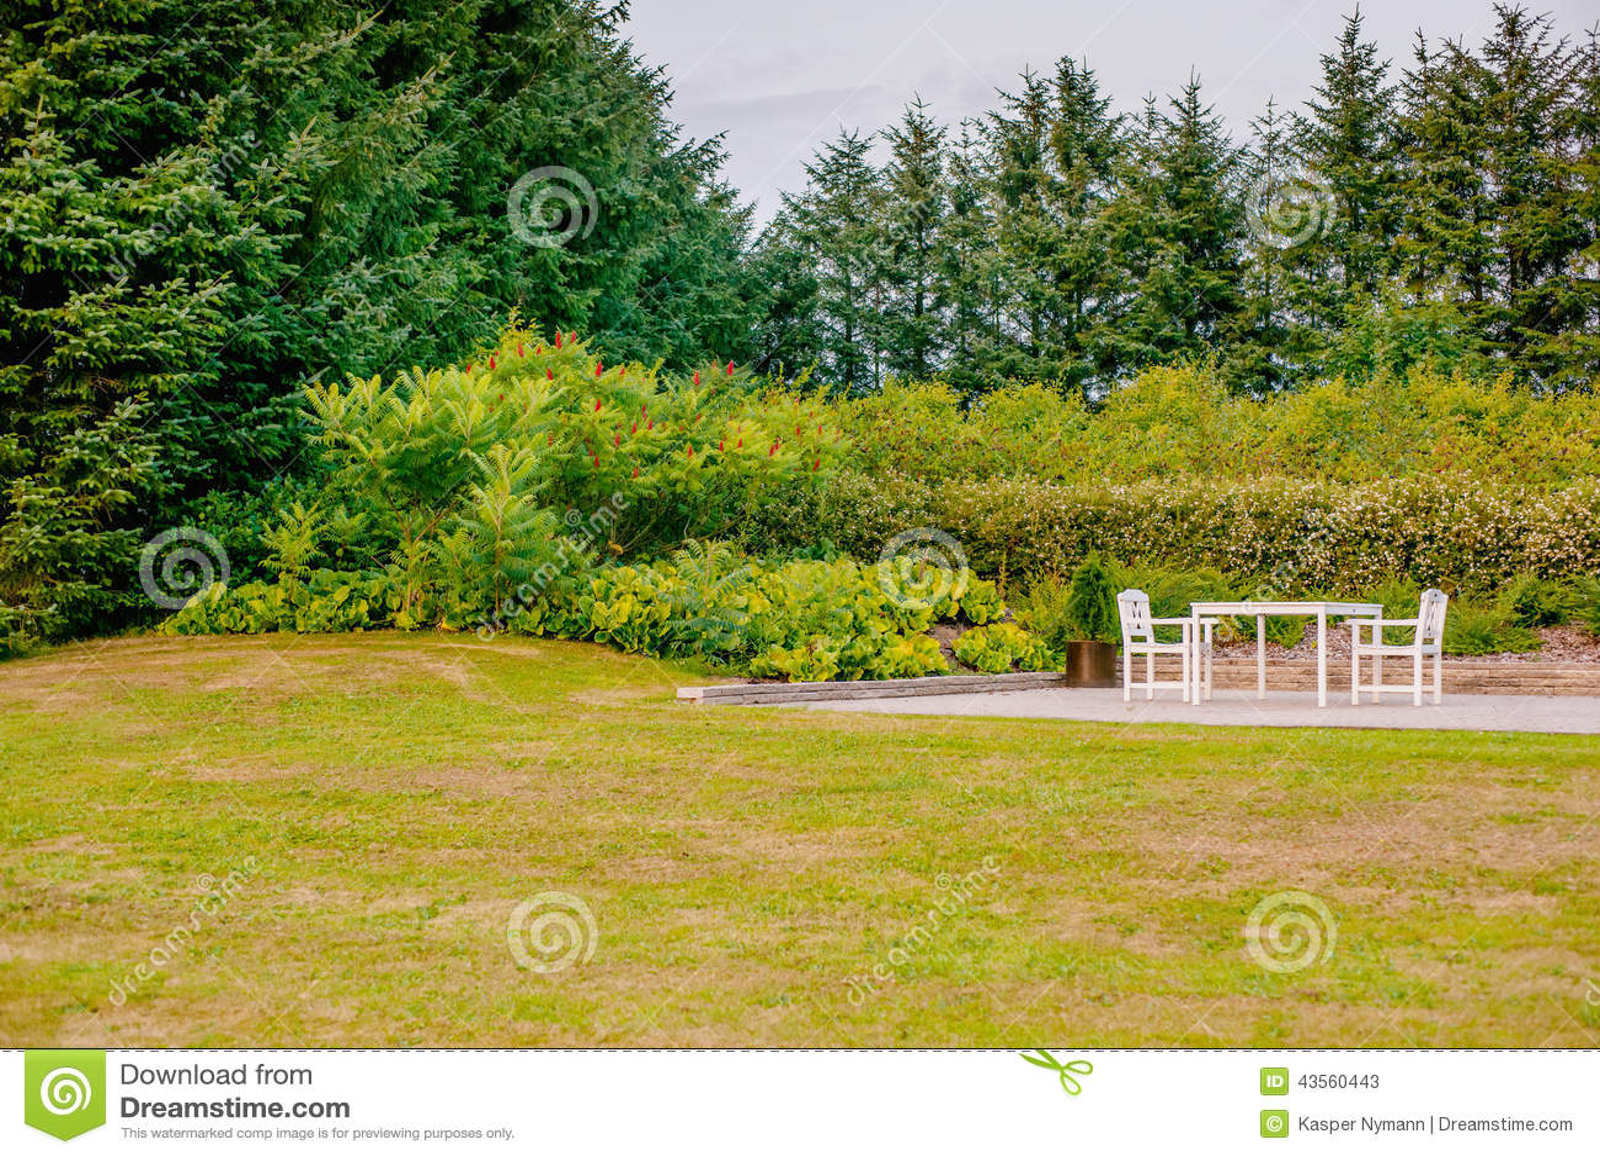 Mobili da giardino bianchi su un terrazzo immagine stock for Mobili giardino terrazzo